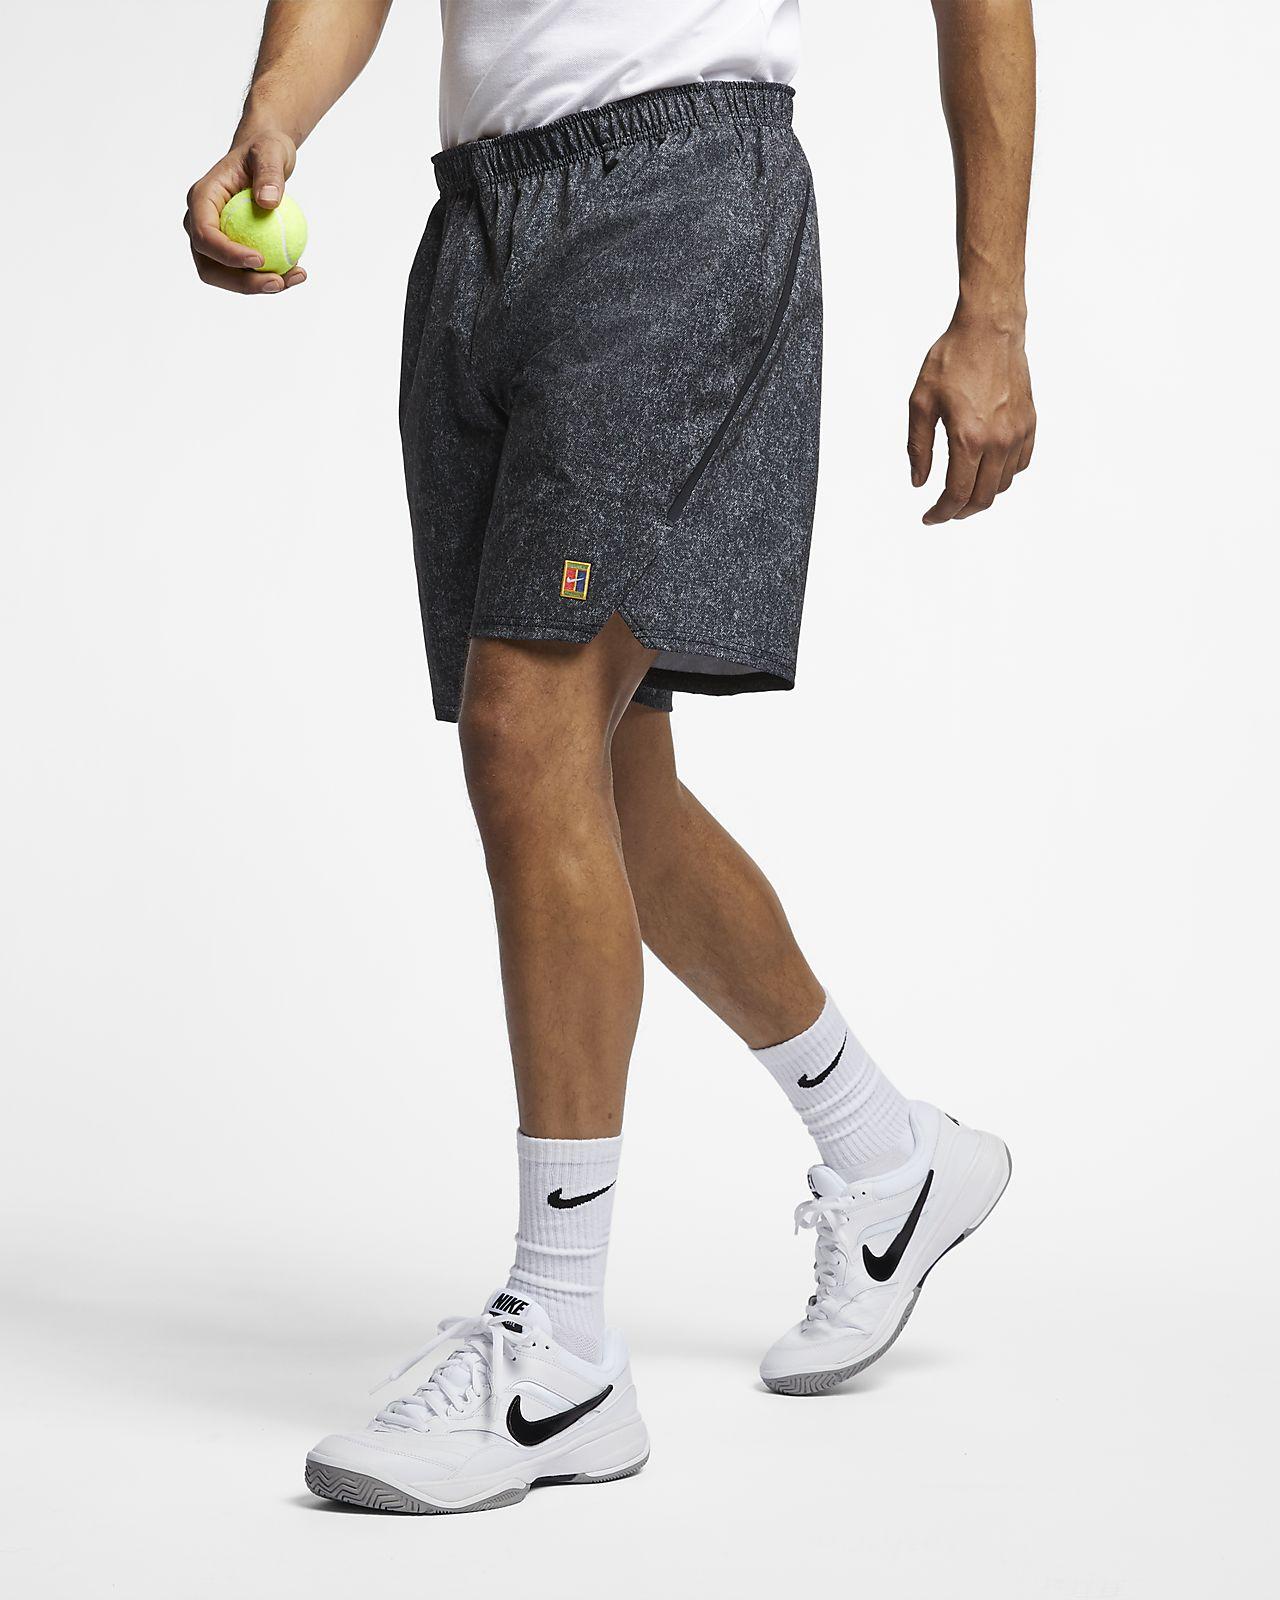 61a141b96f7 Pánské kraťasy NikeCourt Flex Ace s potiskem. Nike.com CZ